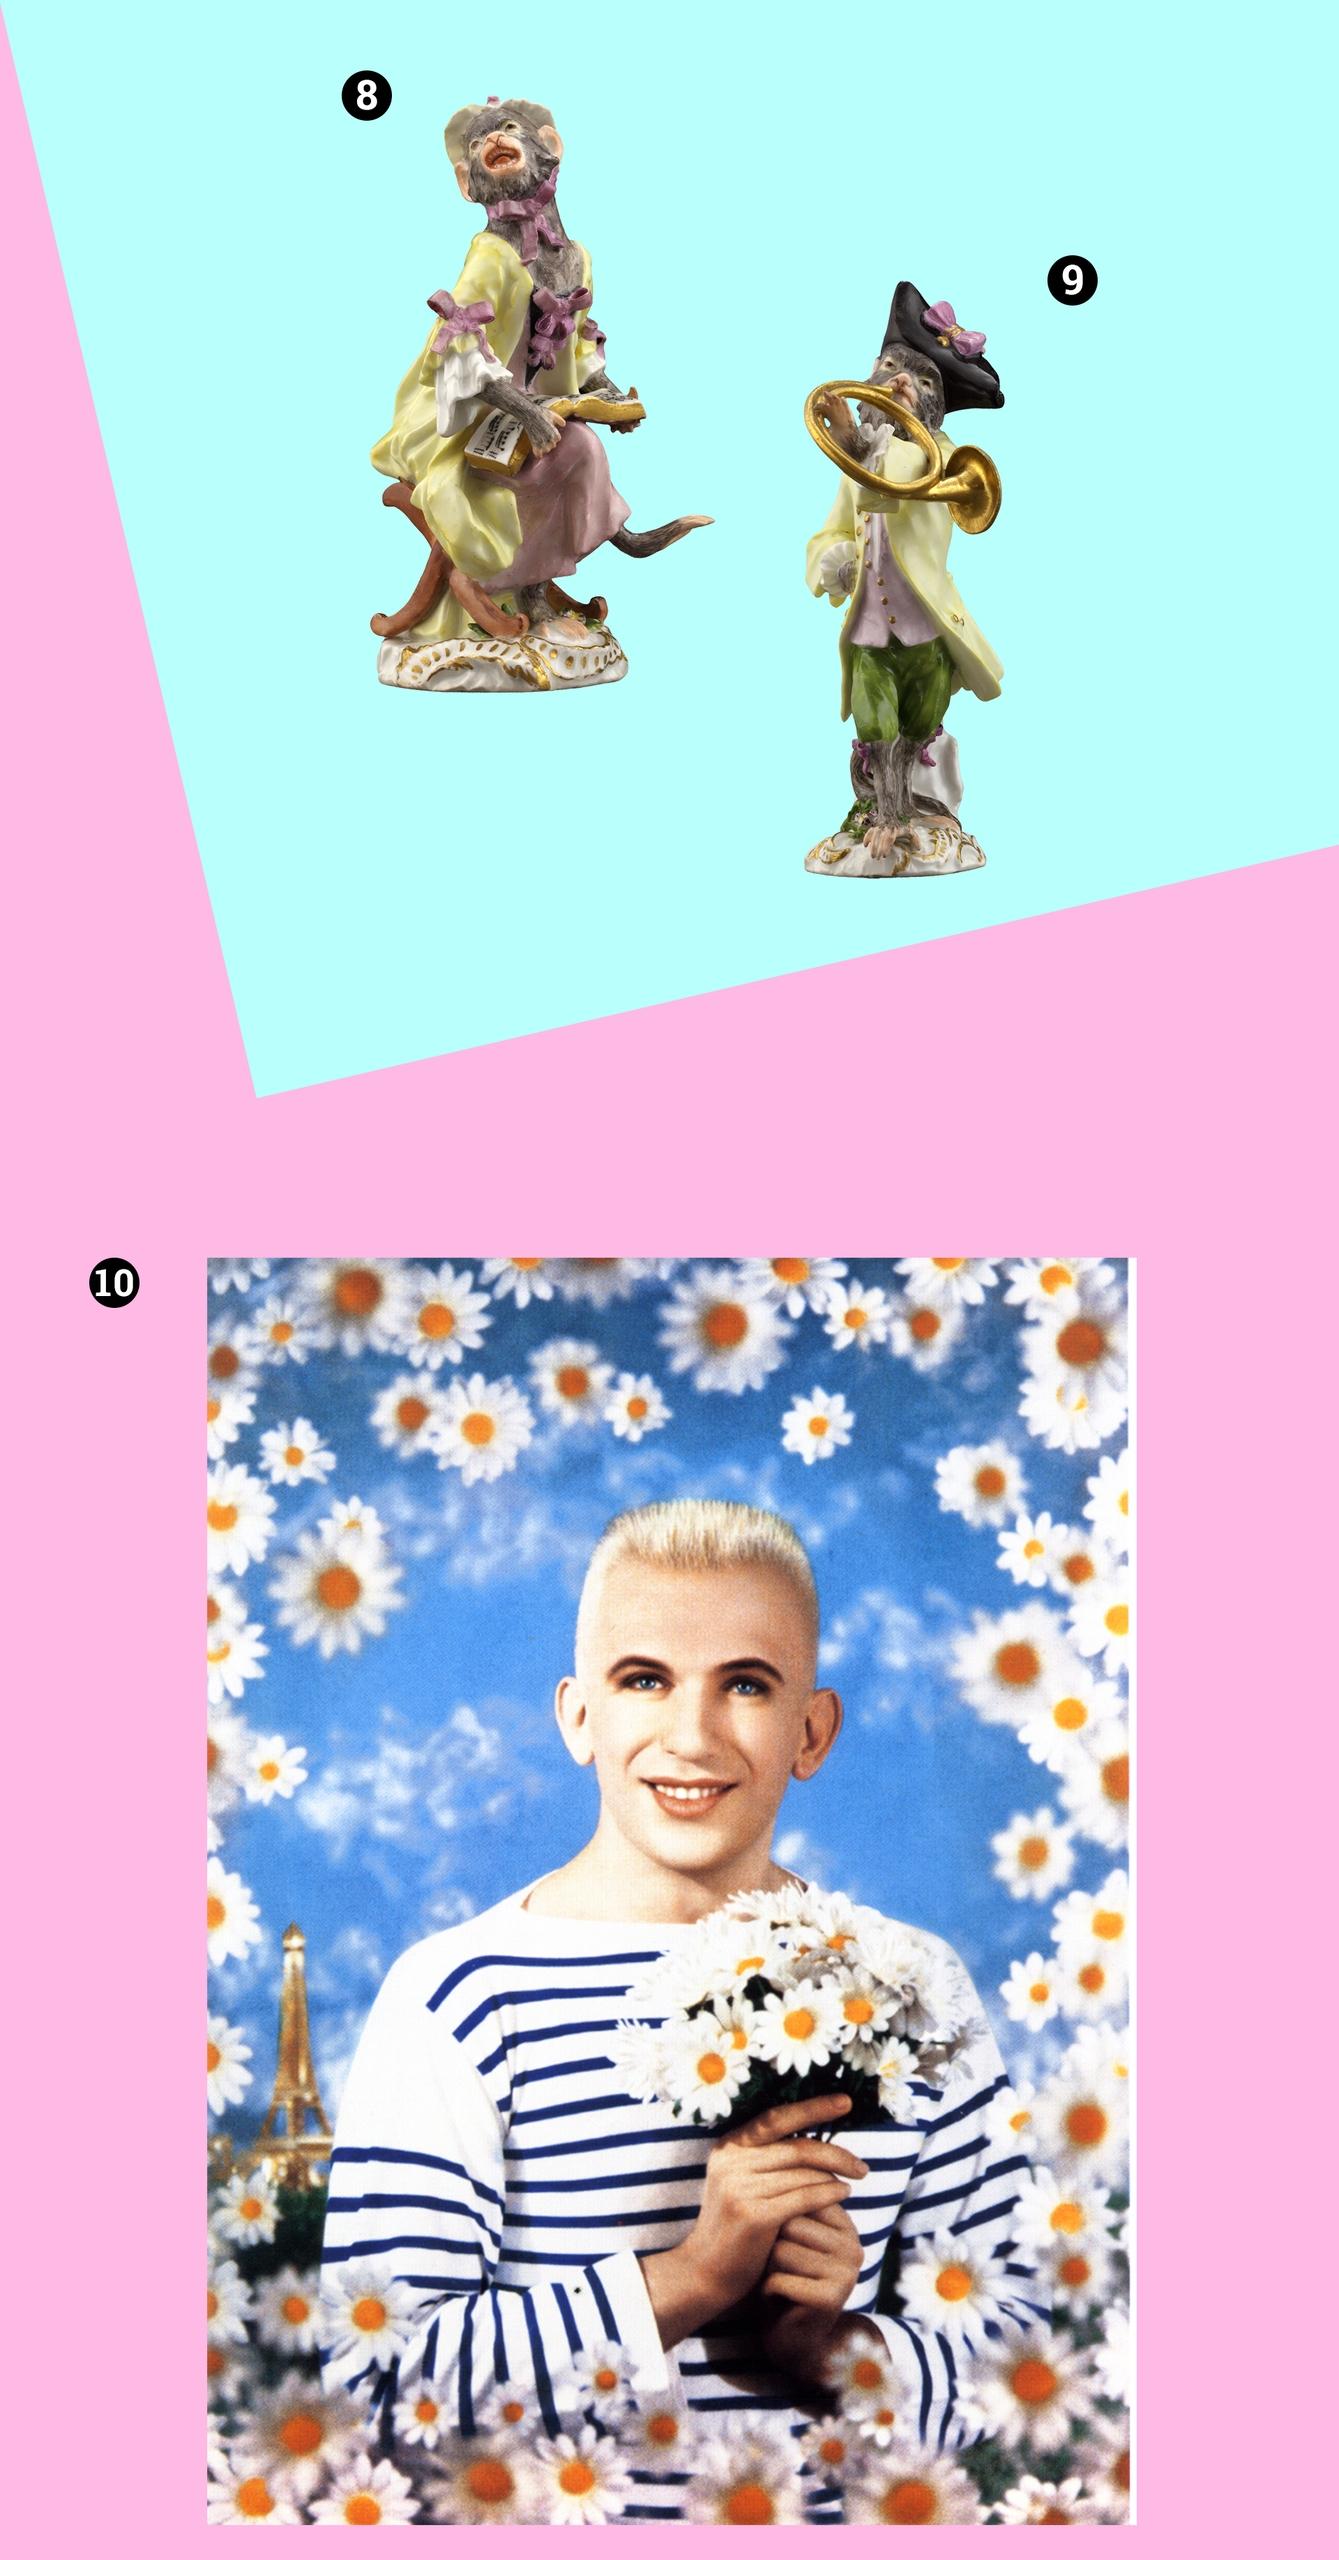 Obraz przedstawia dwie figurki małpek i jedno zdjęcie na niebiesko-różowym tle. Na zdjęciu widzimy postać otoczoną kwiatami.